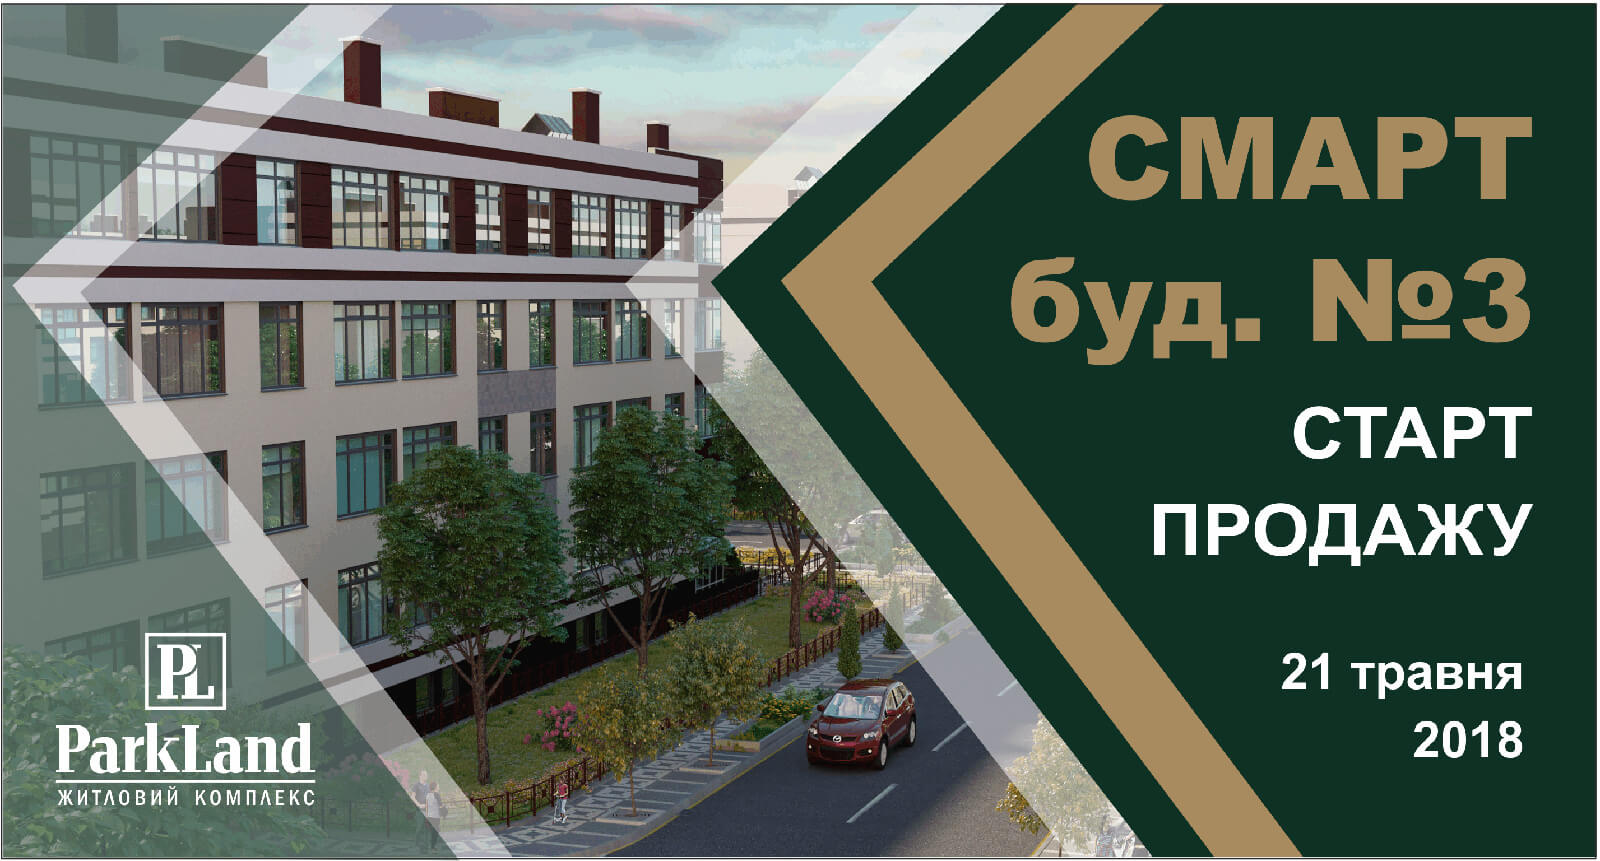 news210518-ukr